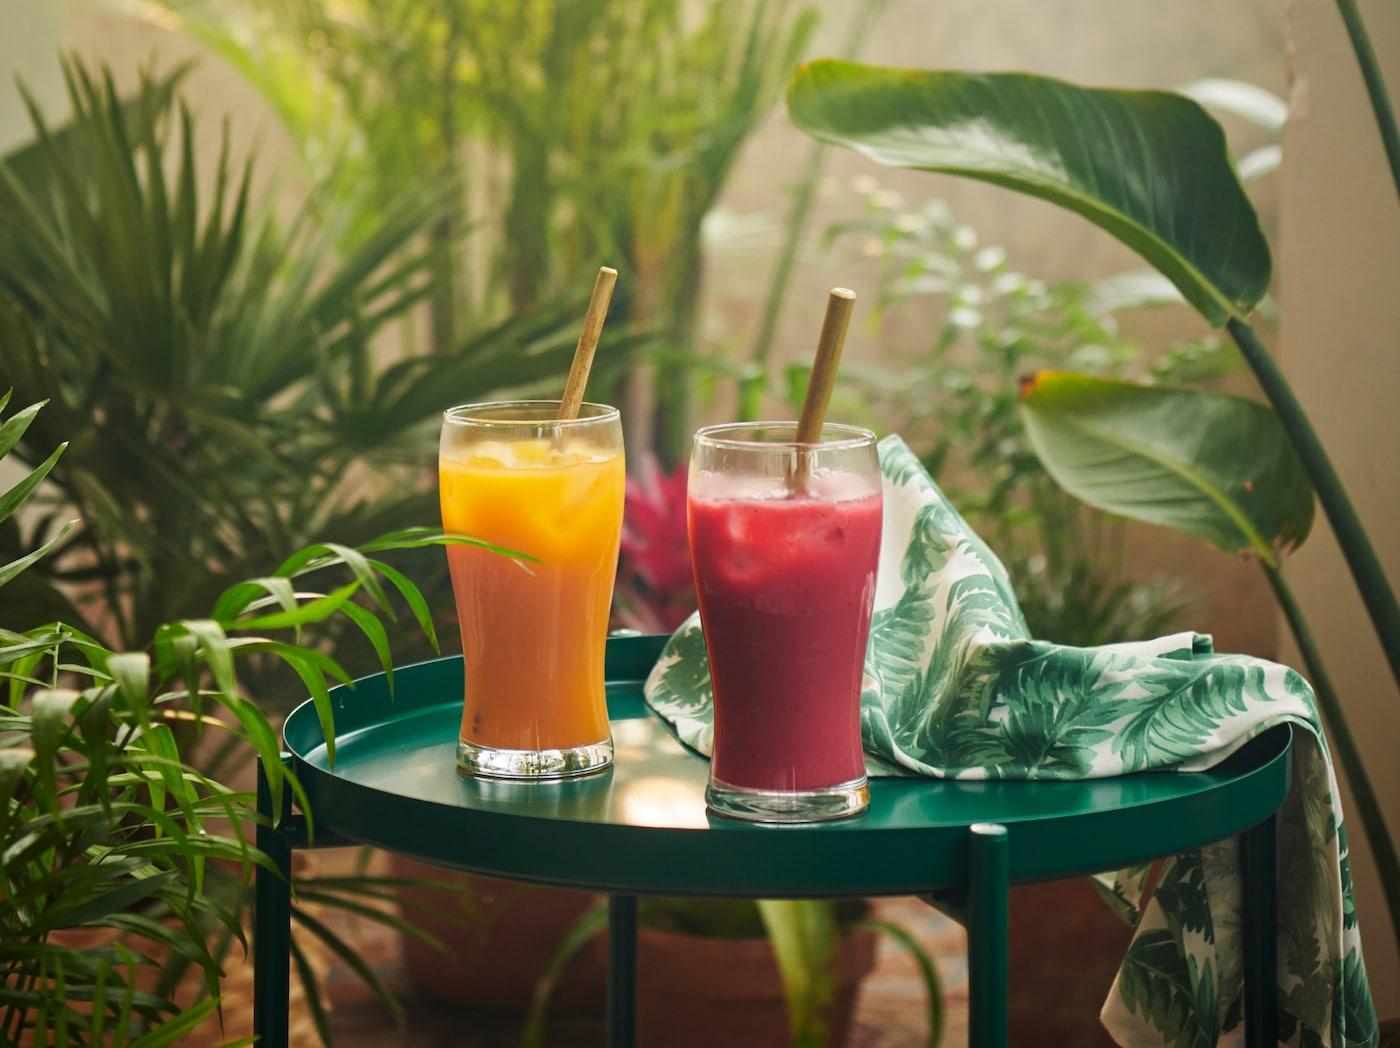 Zwei Gläser mit unseren FRUKSTUND Smoothiemixes in tropischem Gelb und Erdbeerrot stehen auf einem grünen Tisch.